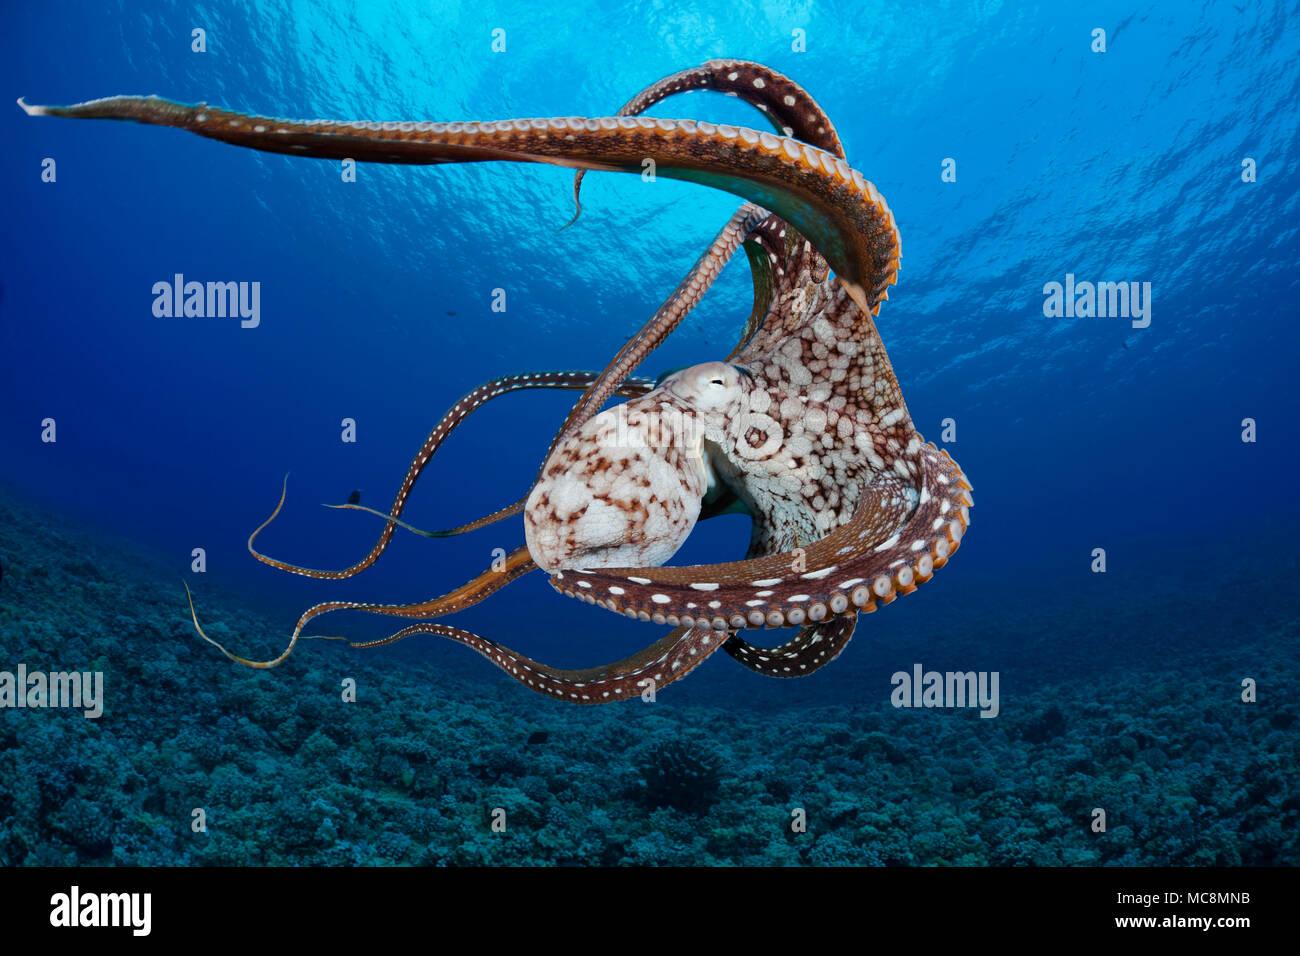 Questa vista mostra alcune delle ventose su questo otto cefalopodi armati. Giorno di polpo, Octopus cyanea, Hawaii. Immagini Stock